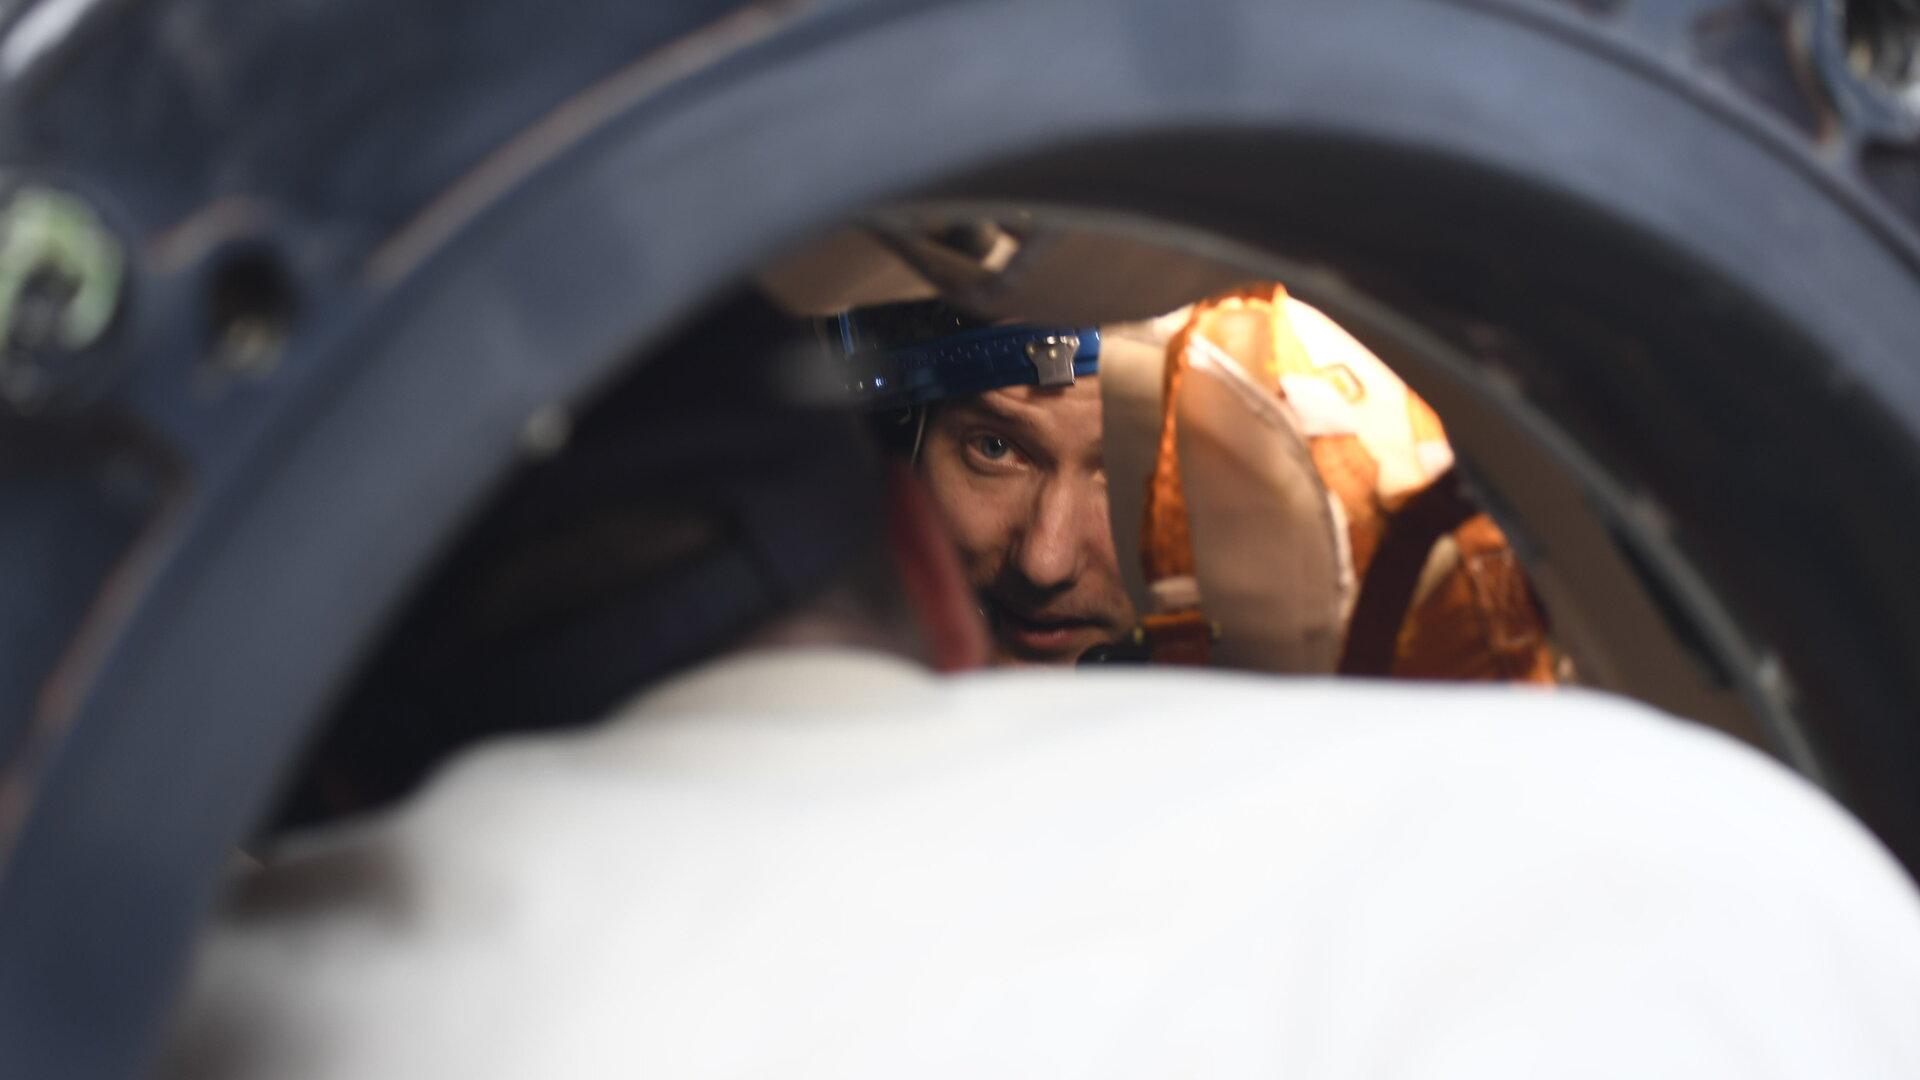 Thomas in Soyuz spacecraft